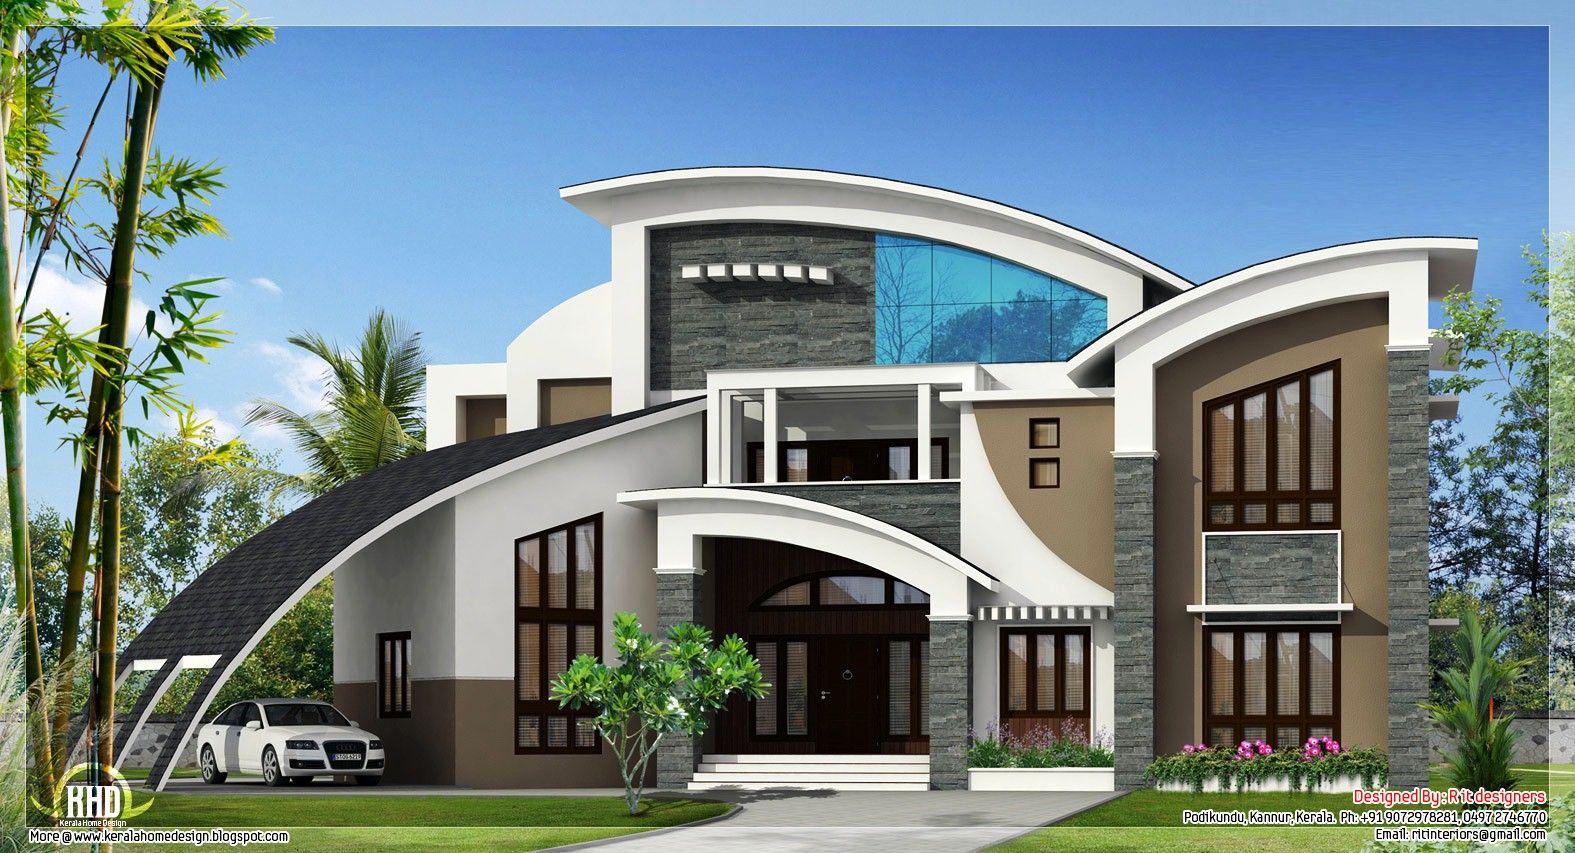 61 Desain Rumah Minimalis Yang Unik Desain Rumah